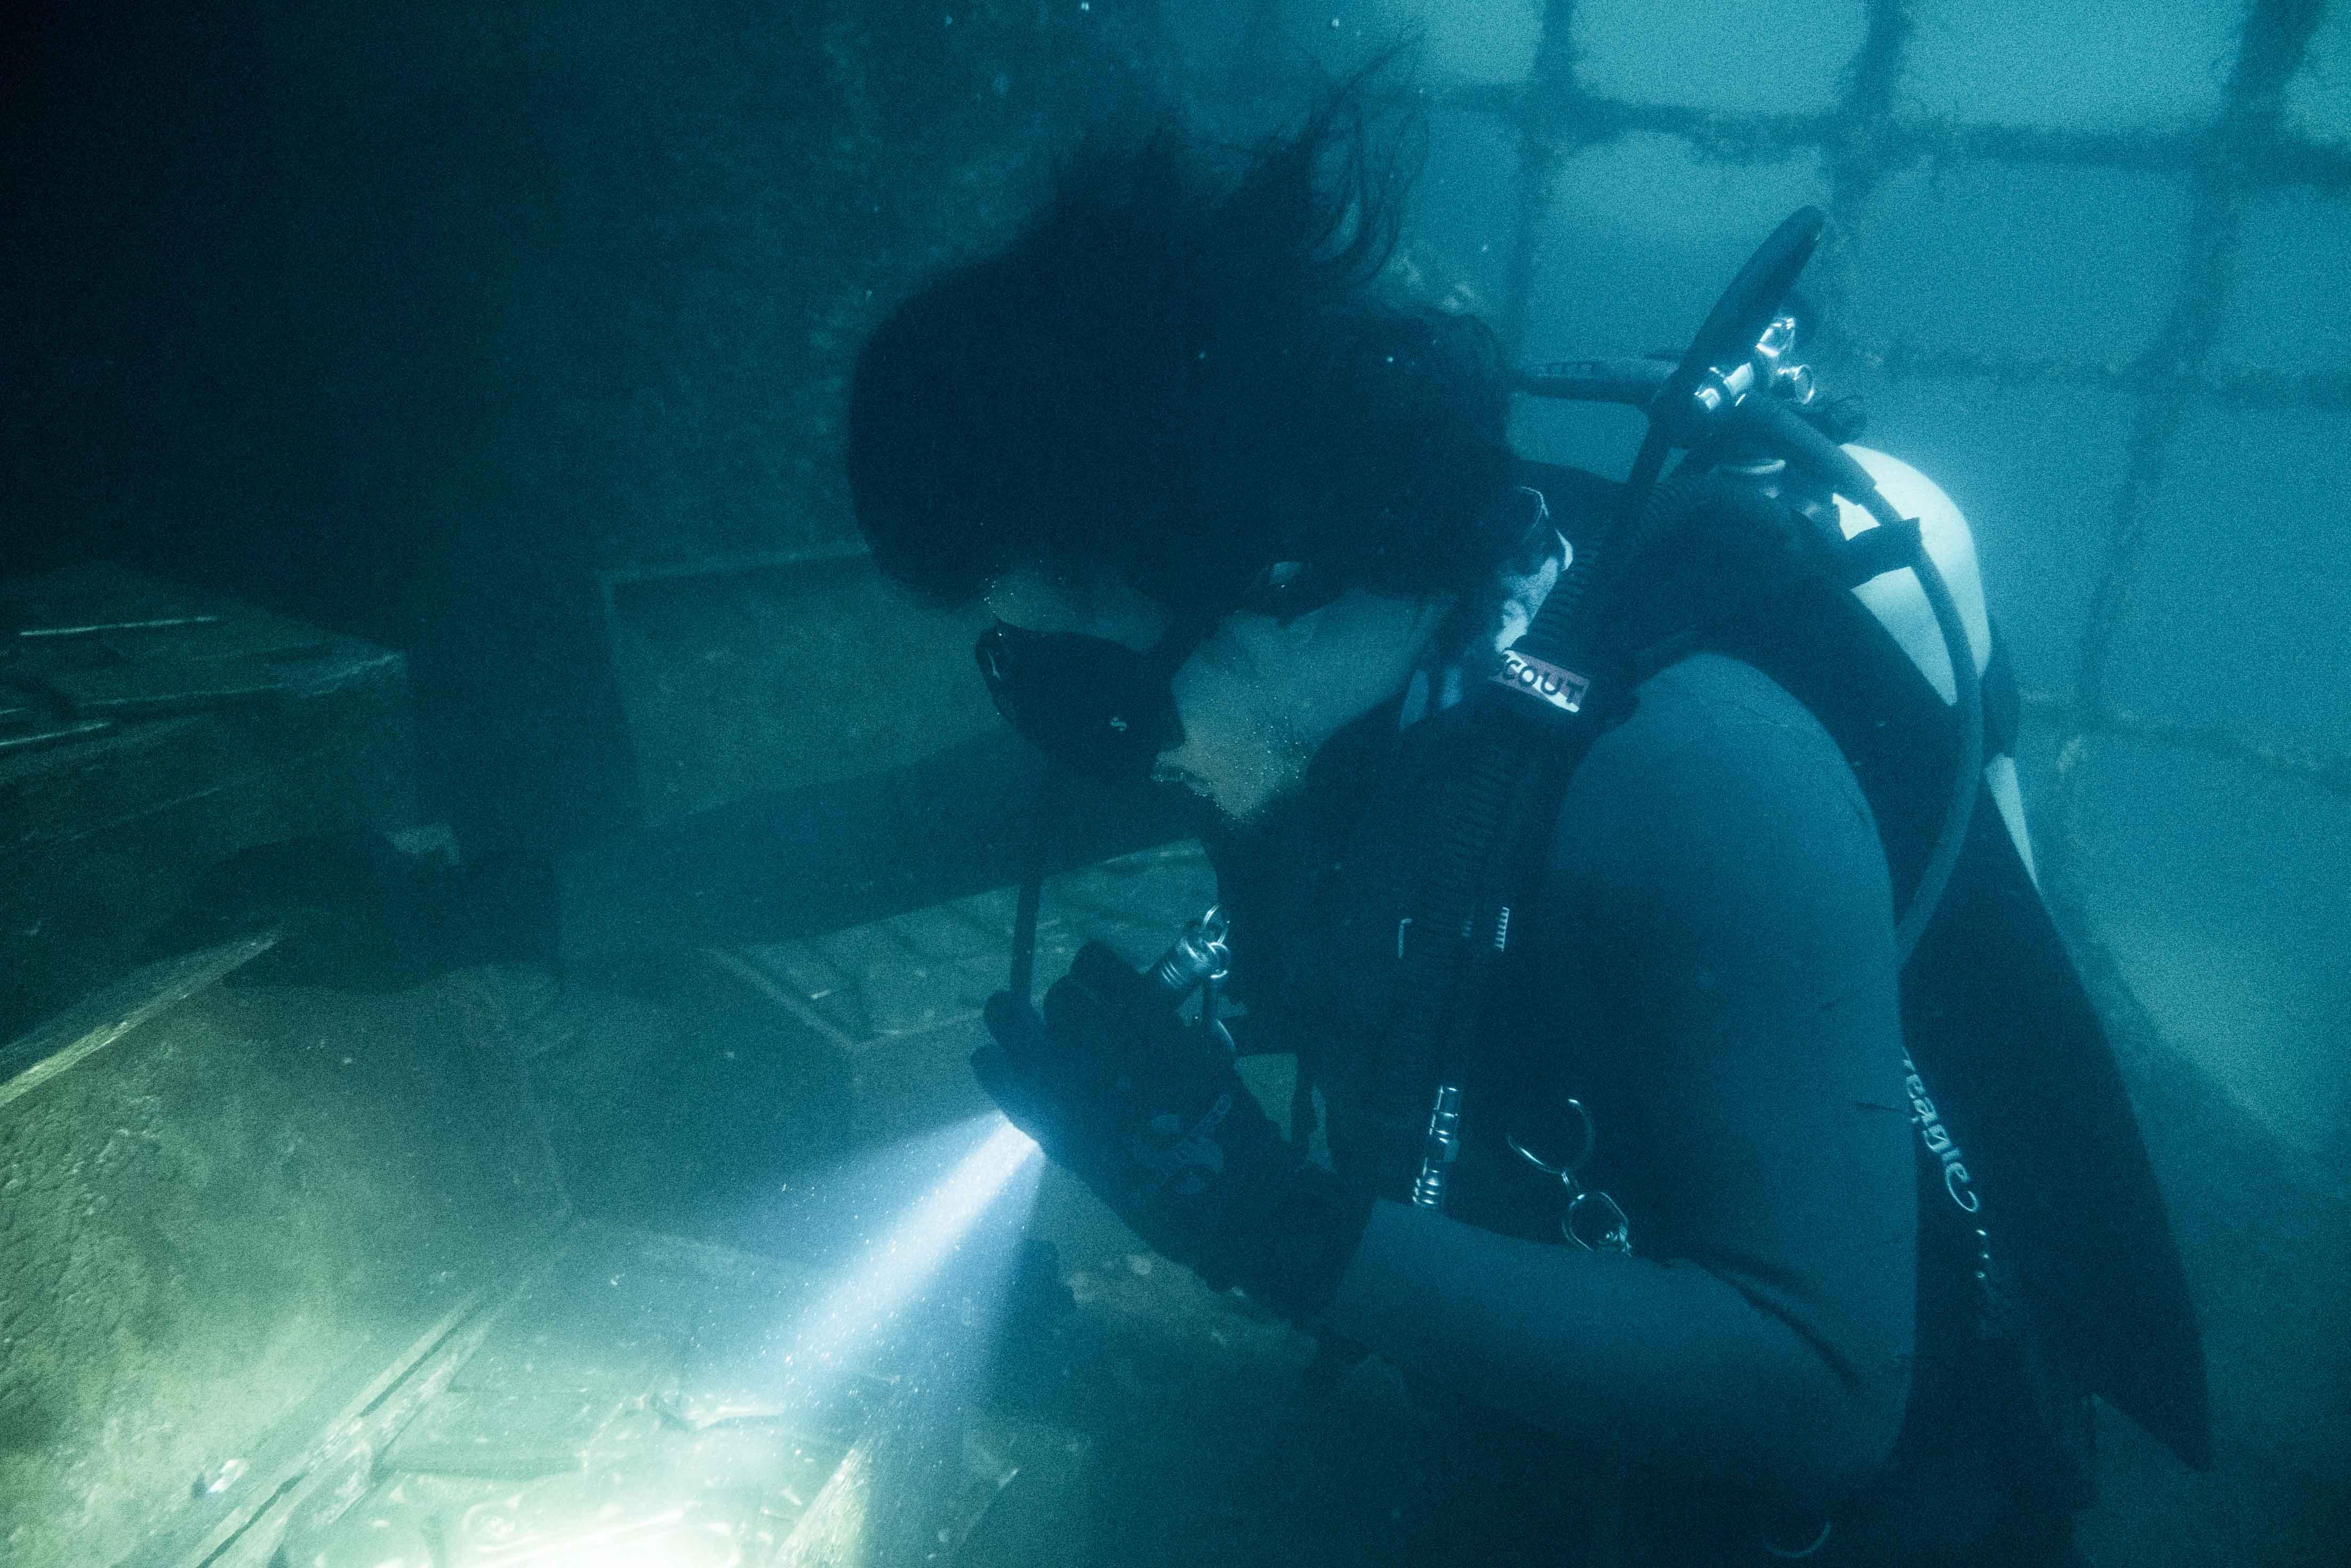 余文樂說水底窒息感太強烈 又看不見 像進入黑洞.JPG